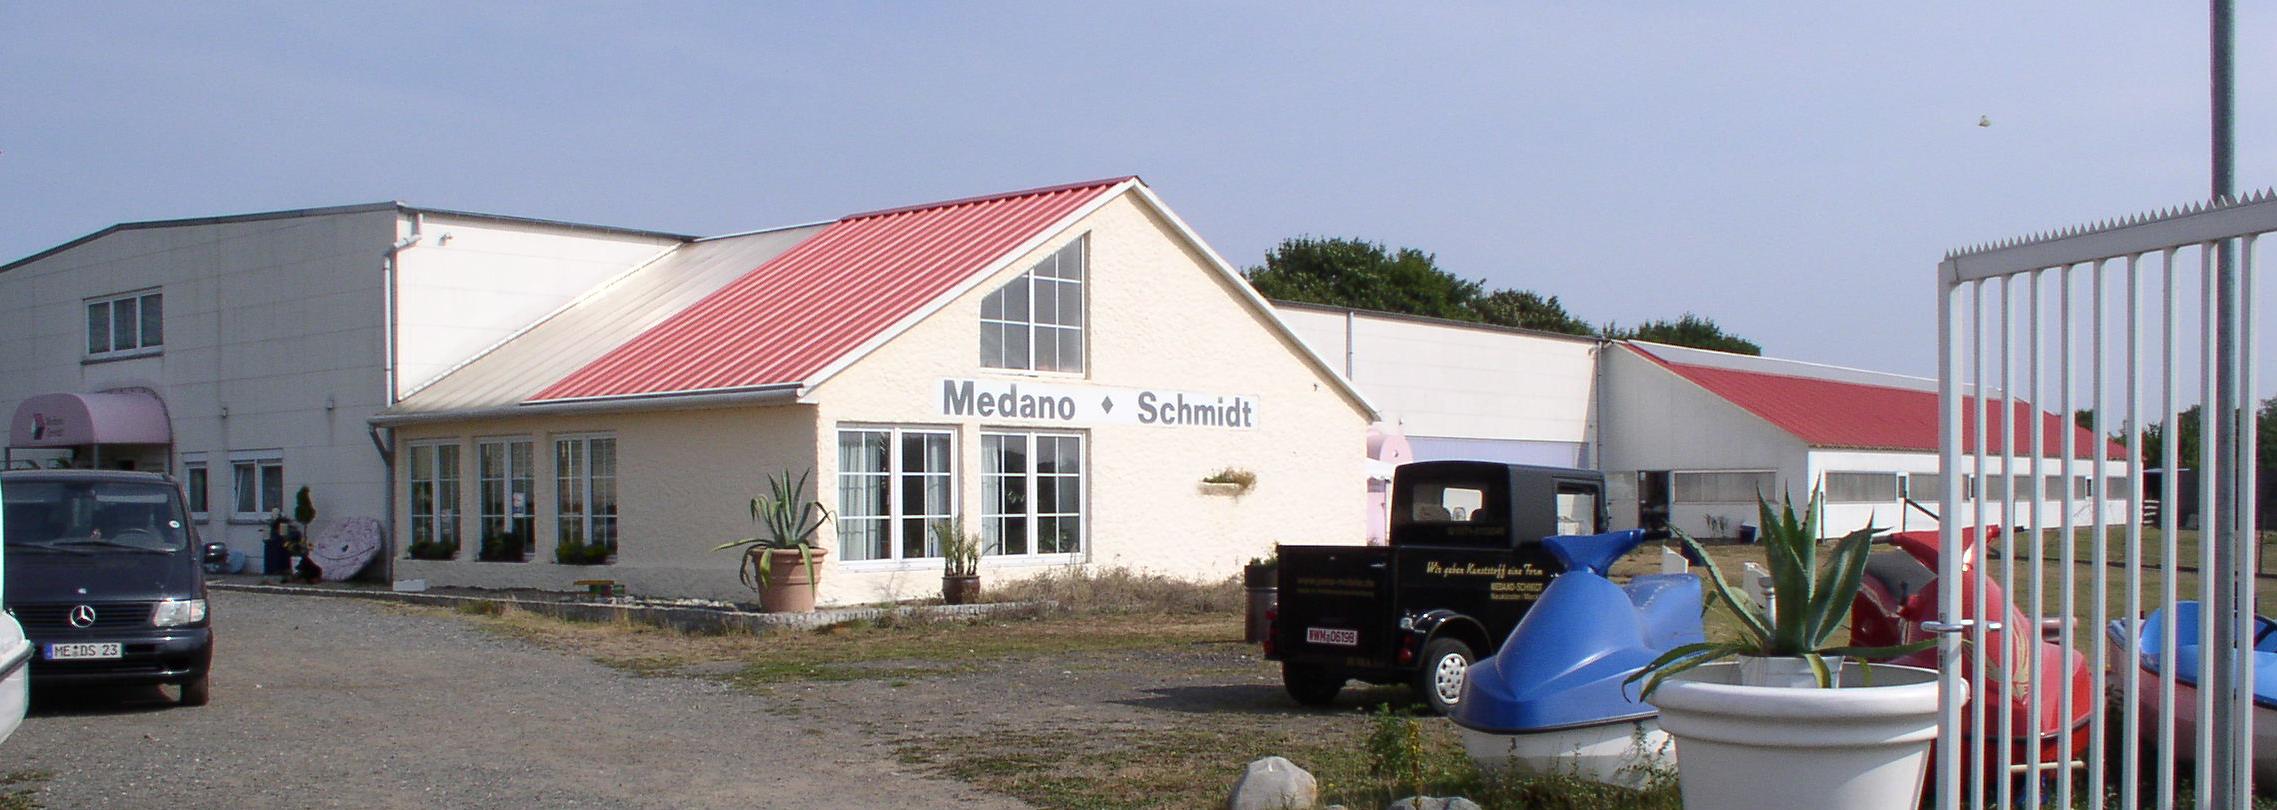 Medano-Schmidt